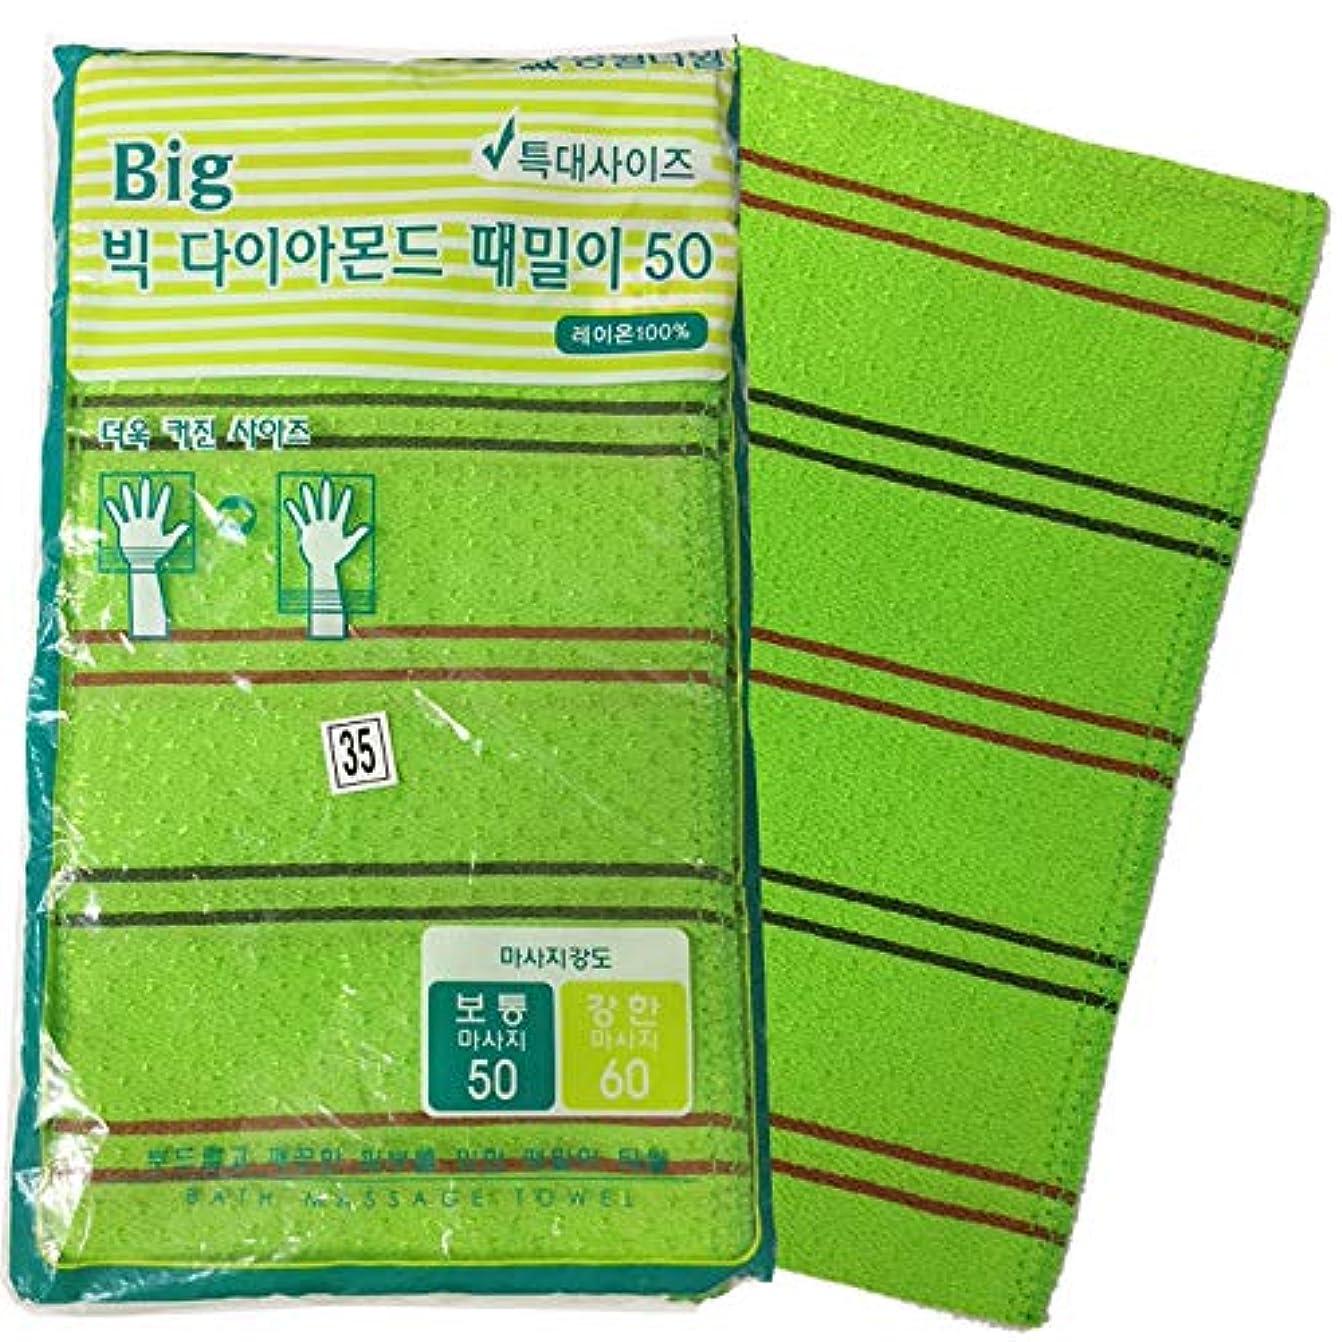 ビーチアンペア基本的な10枚入り 韓国式アカスリタオル プロ仕様 サイズ:14X24Cm あかすりタオル